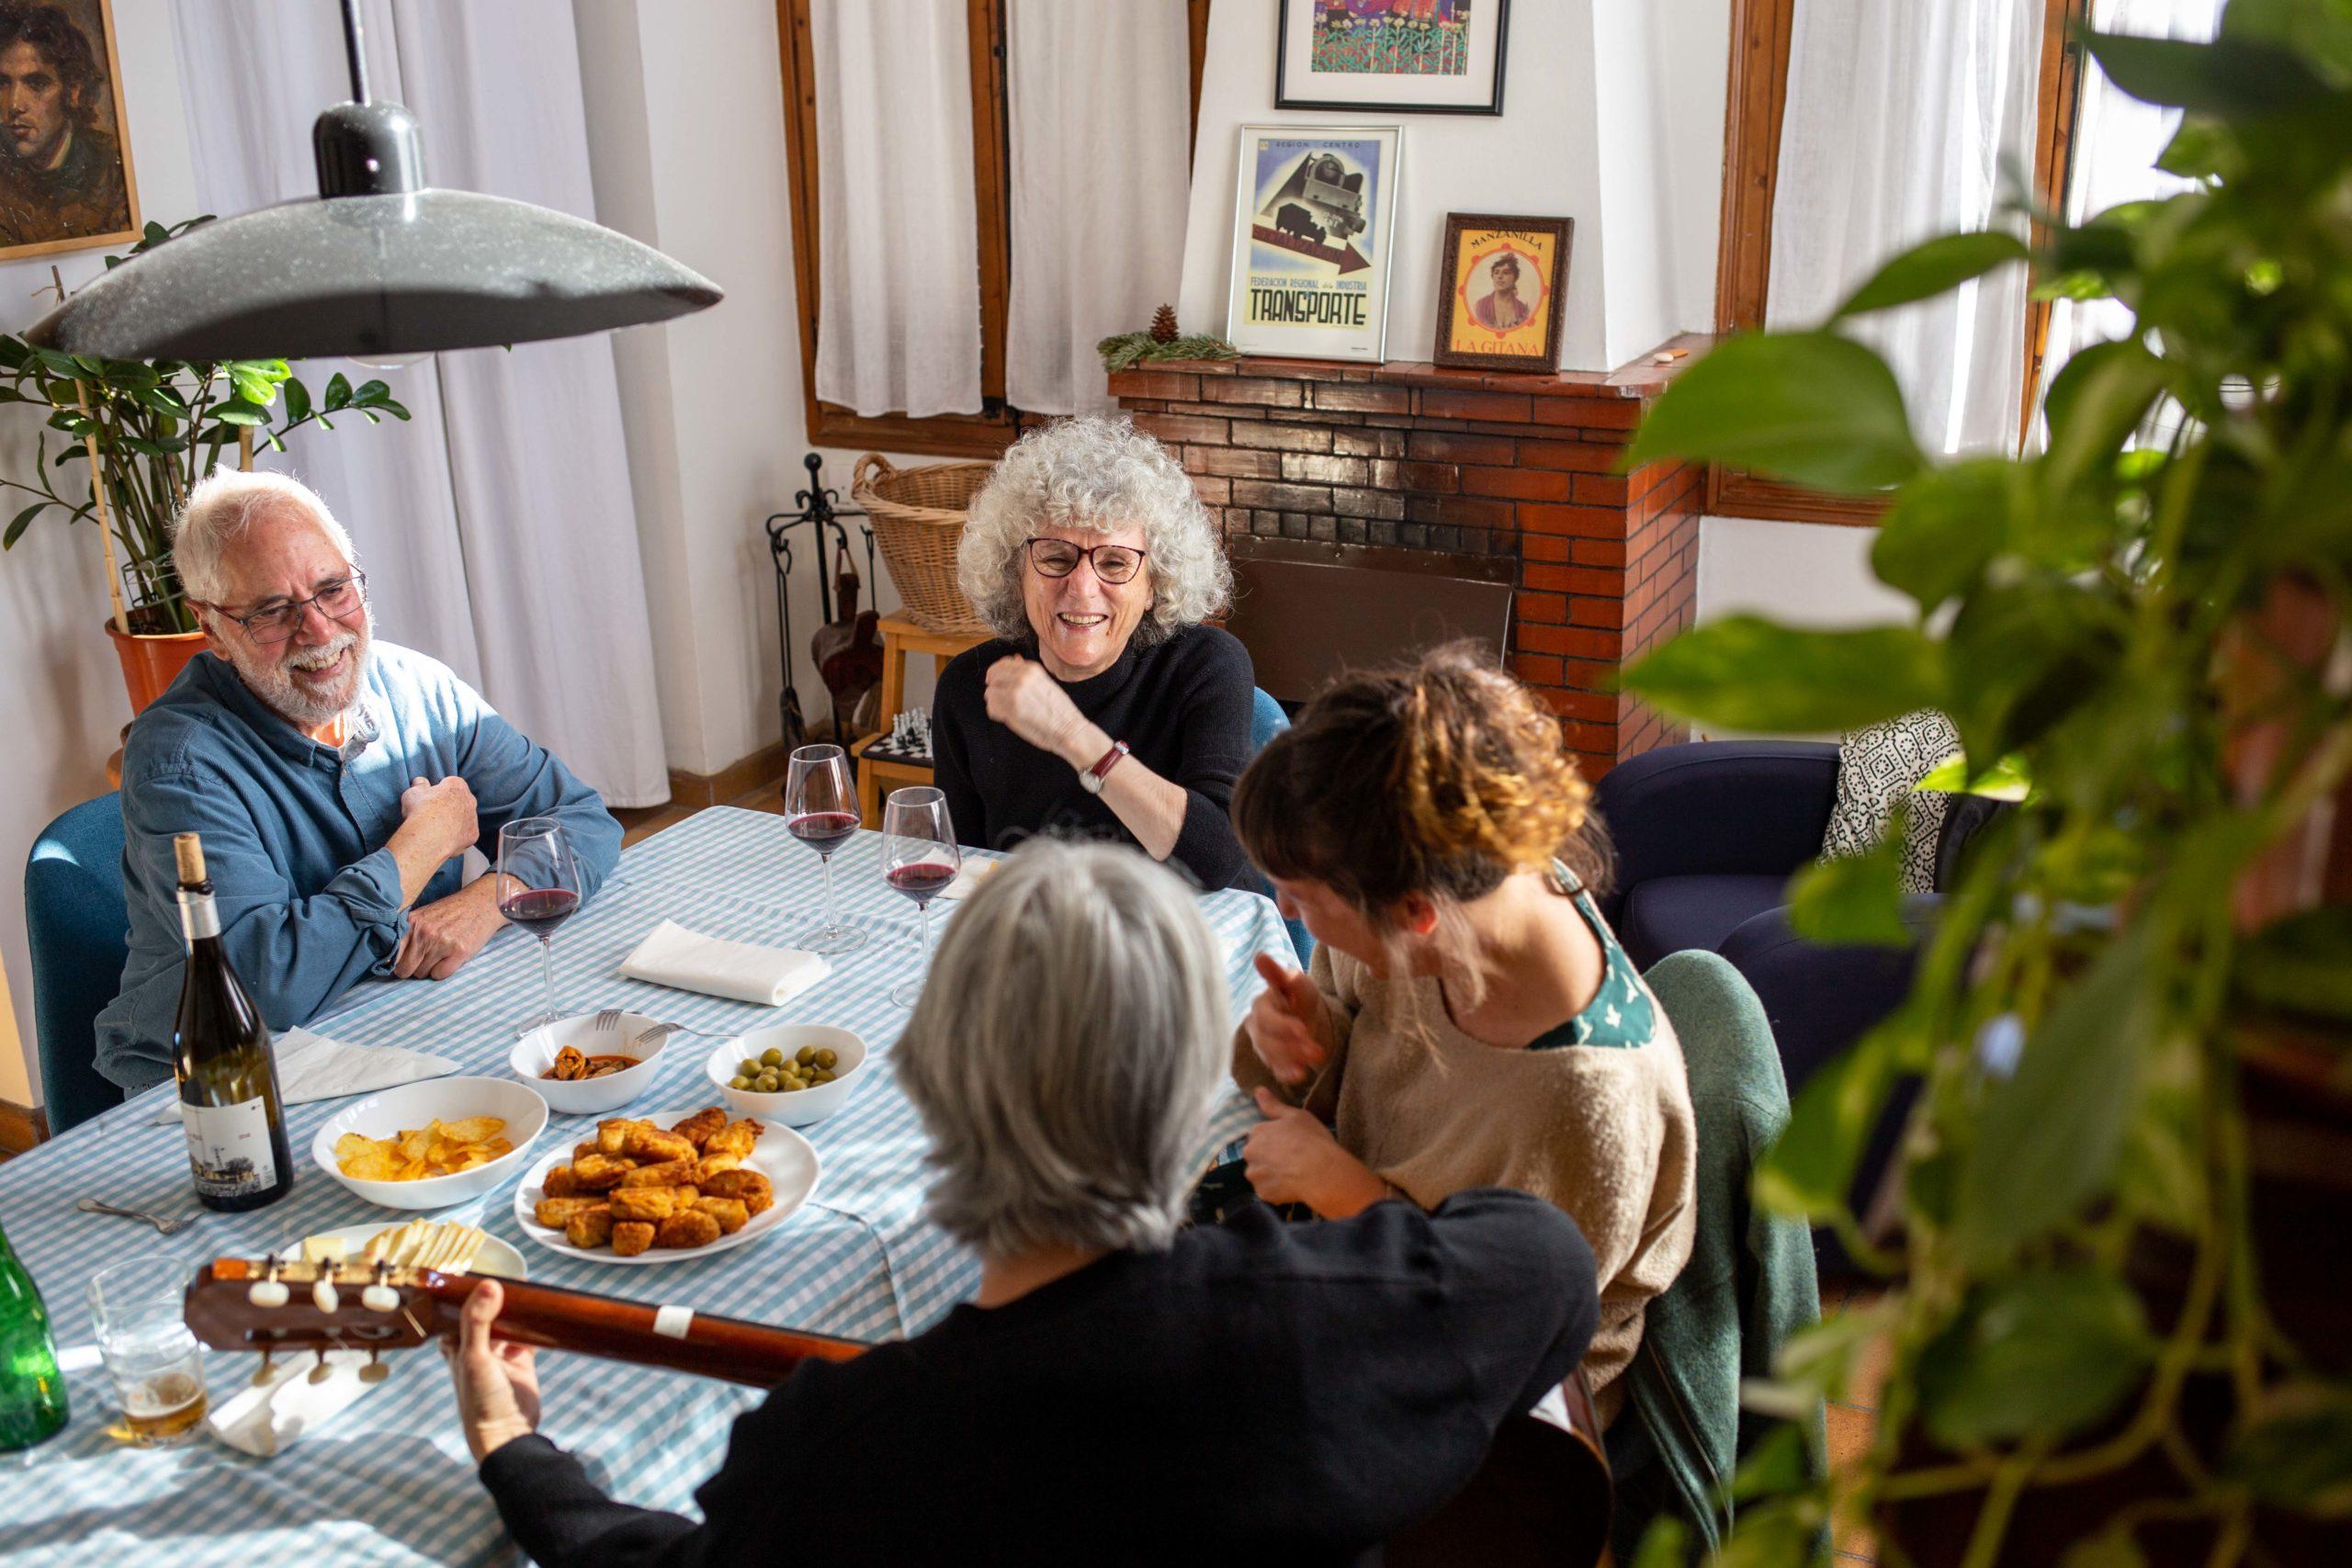 Grup d'amigues tocant la guitarra i rient al menjador de casa